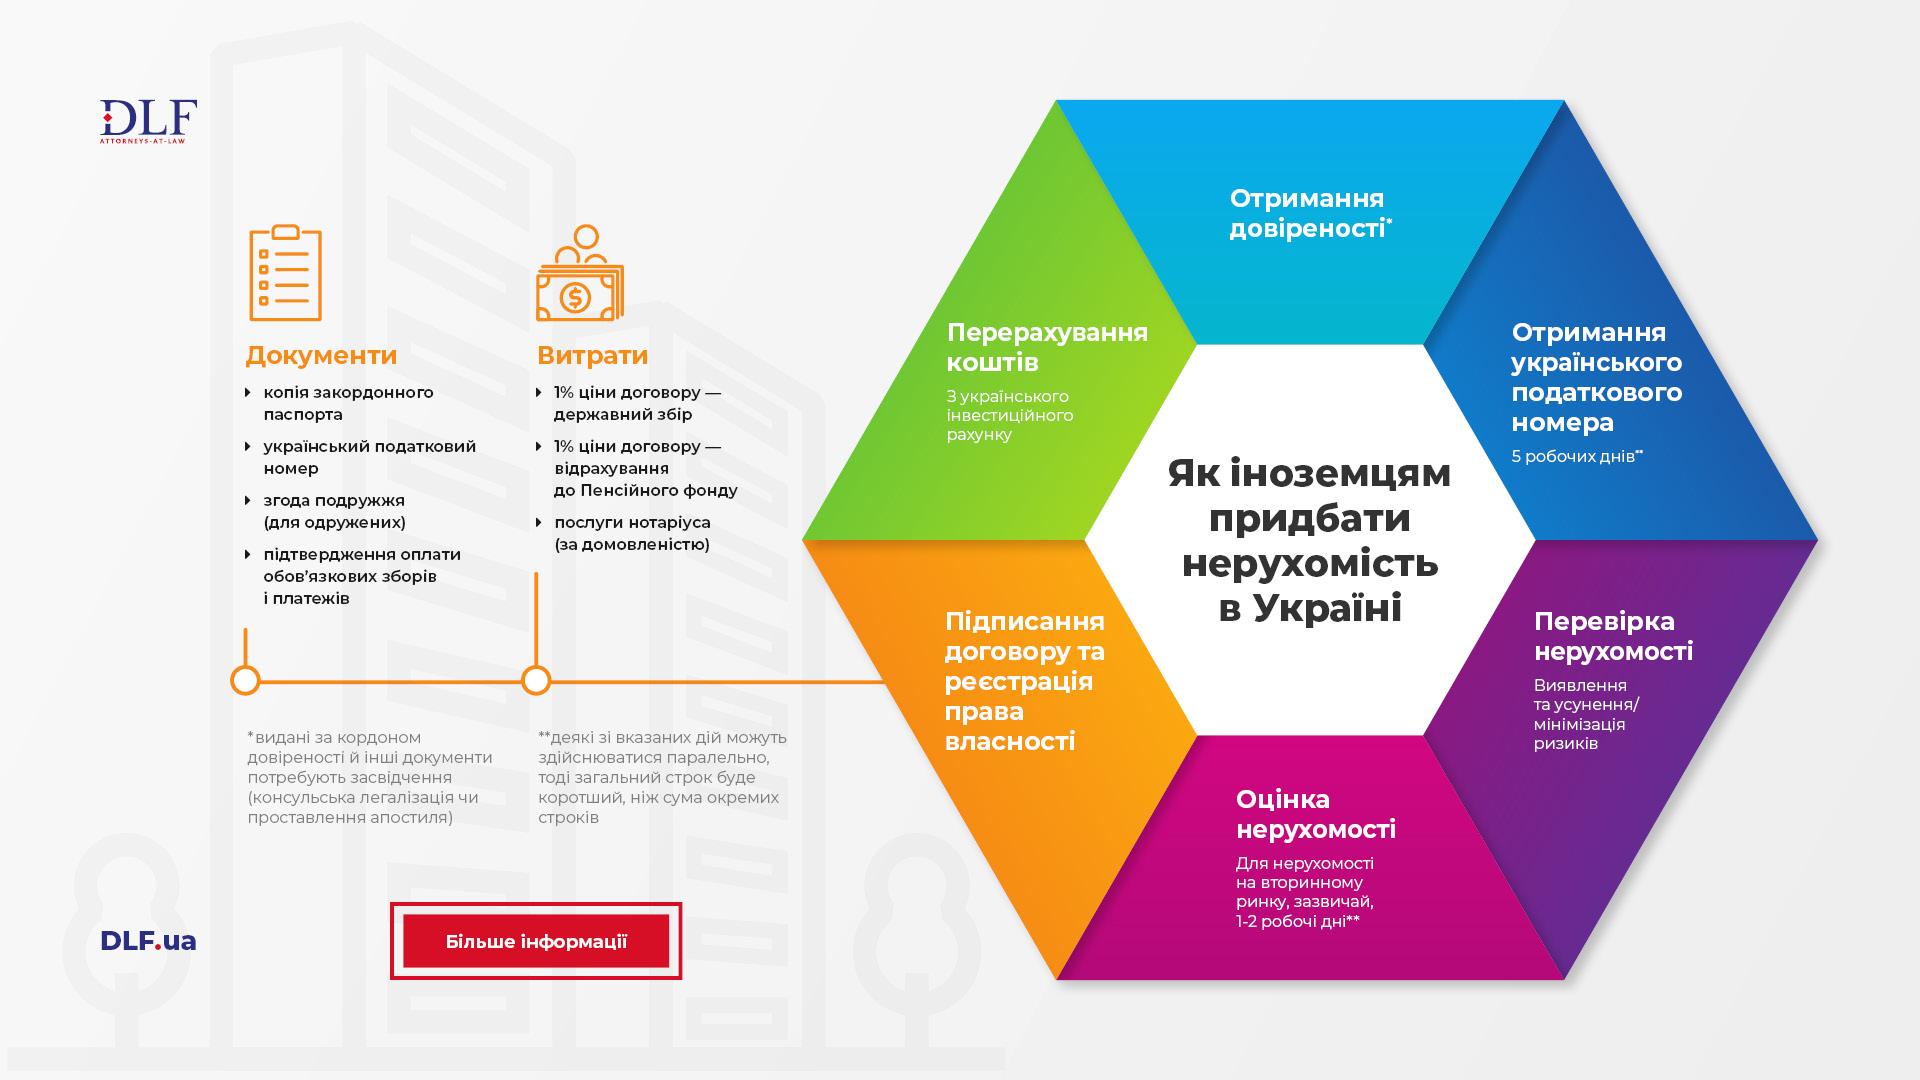 Як іноземцям придбати нерухомість в Україні - DLF attorneys-at-law